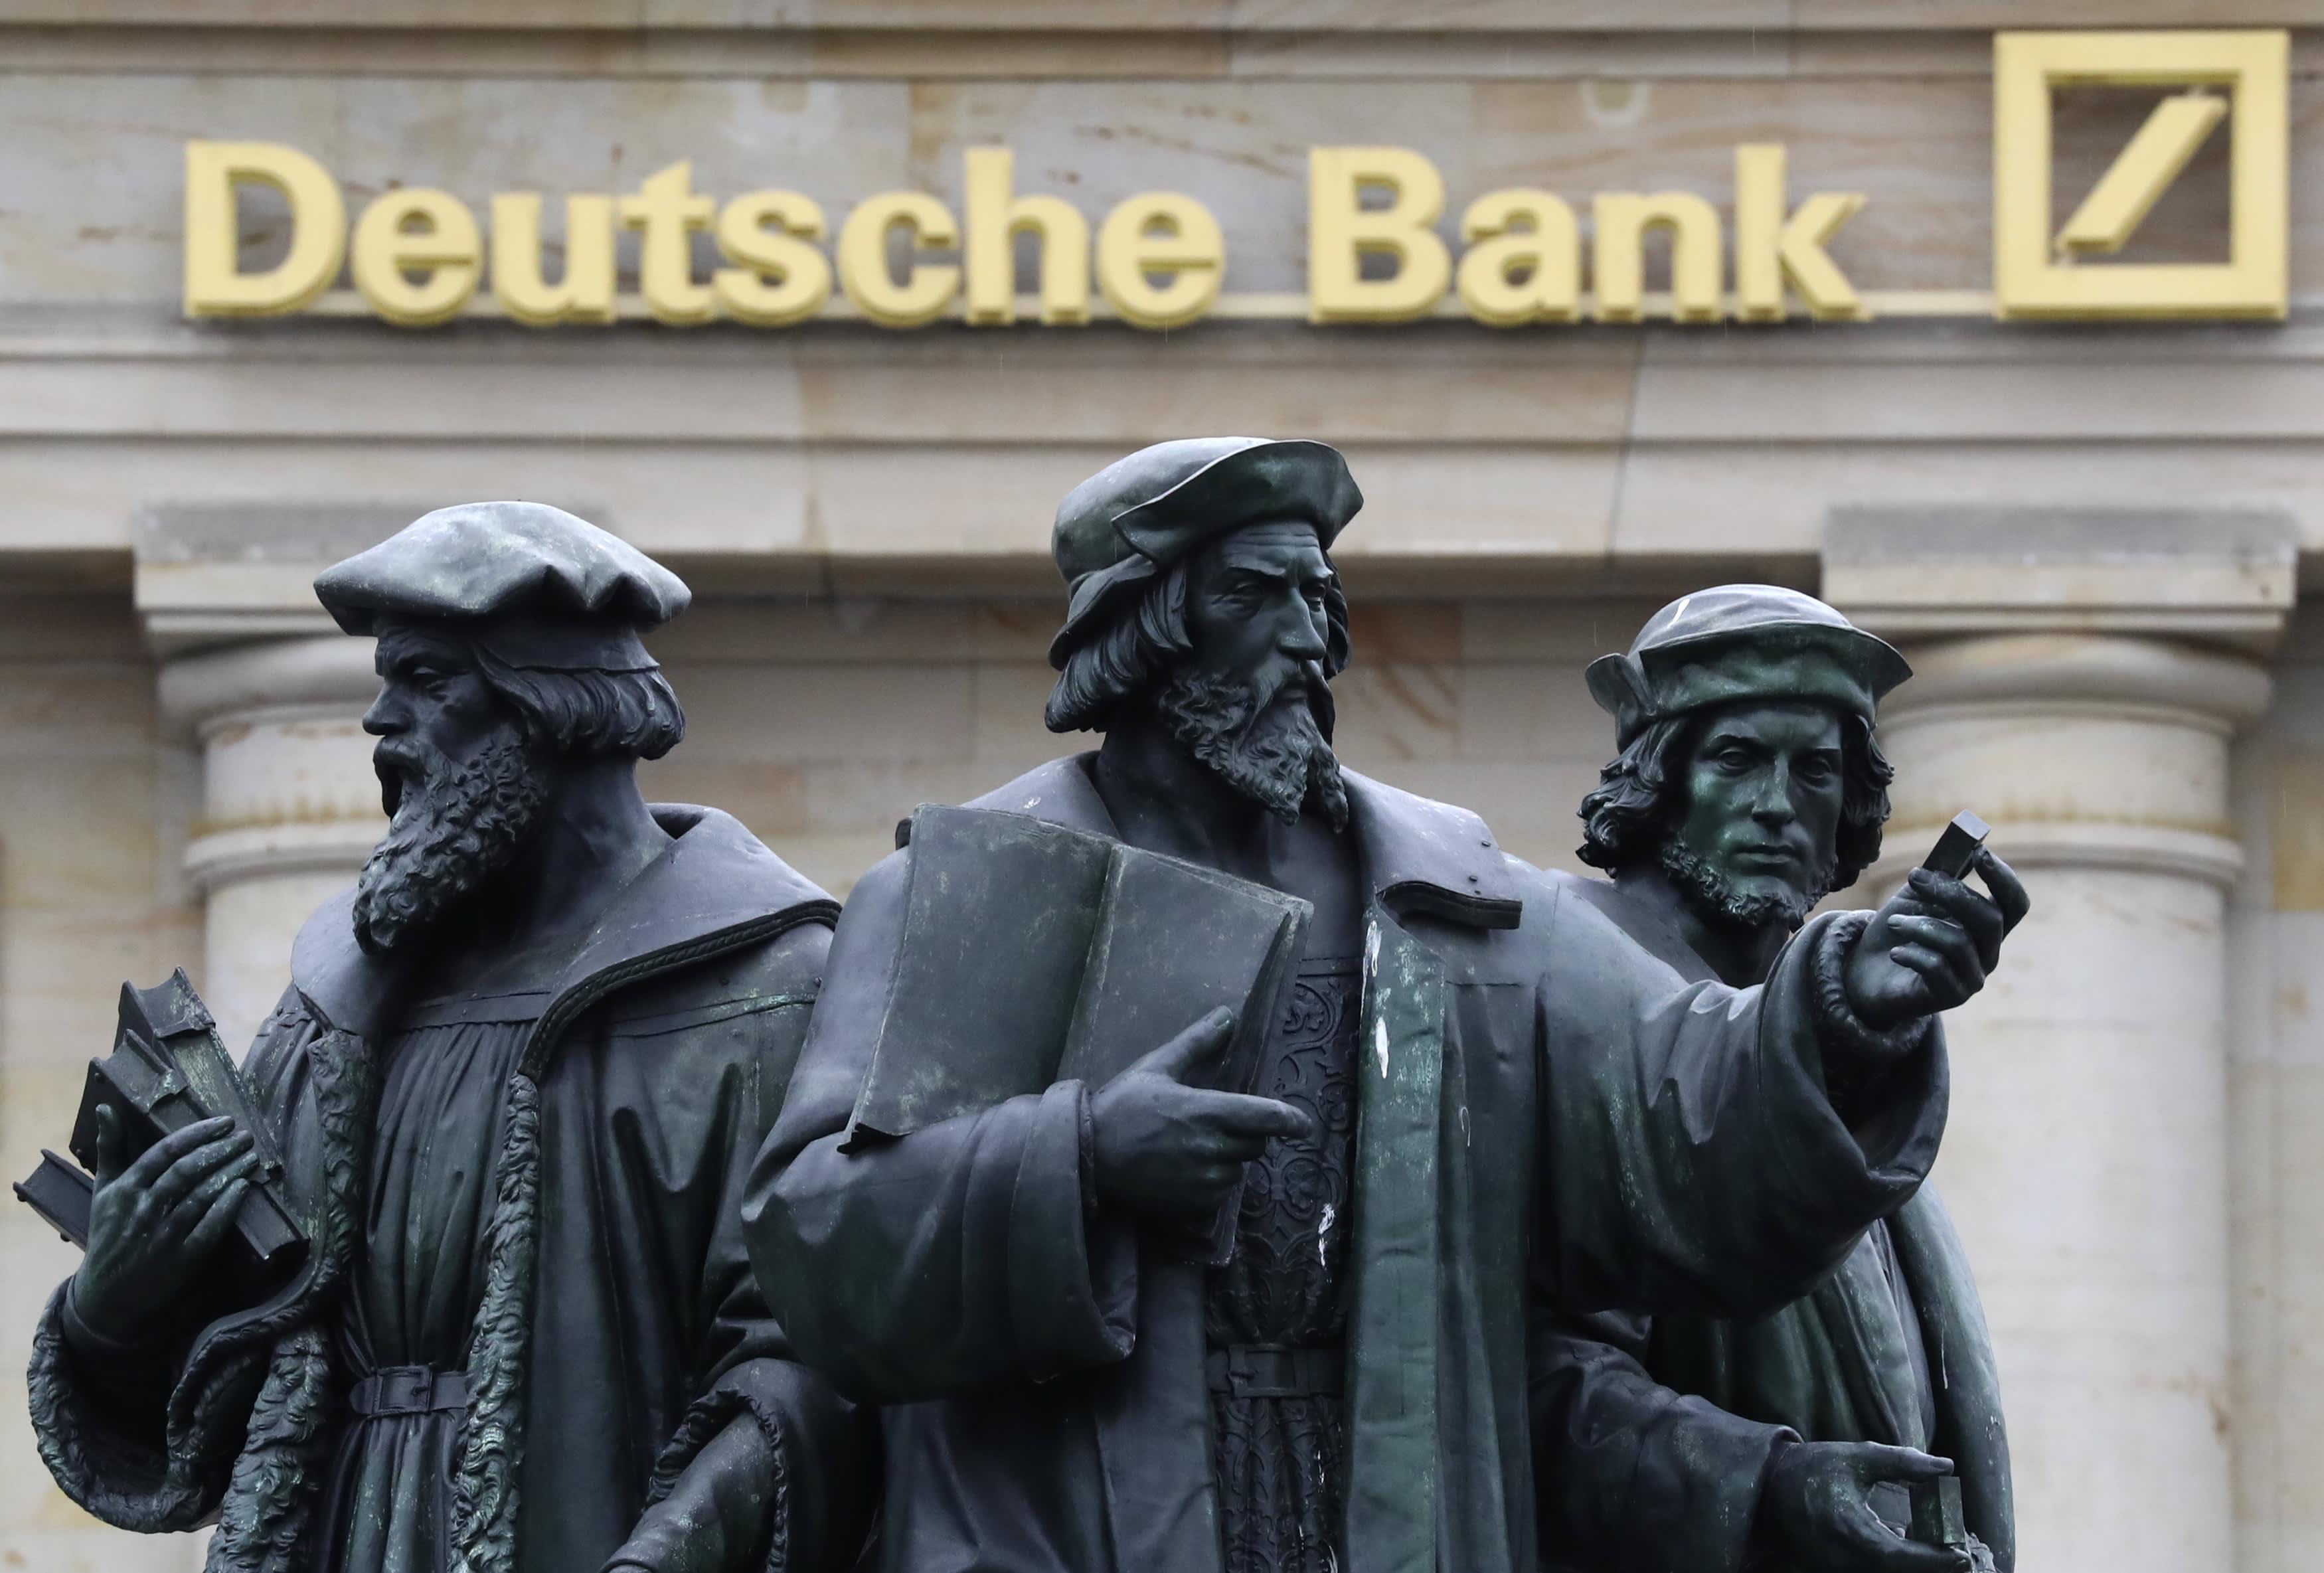 Deutsche Bank will exit global equities business and slash 18,000 jobs in sweeping overhaul